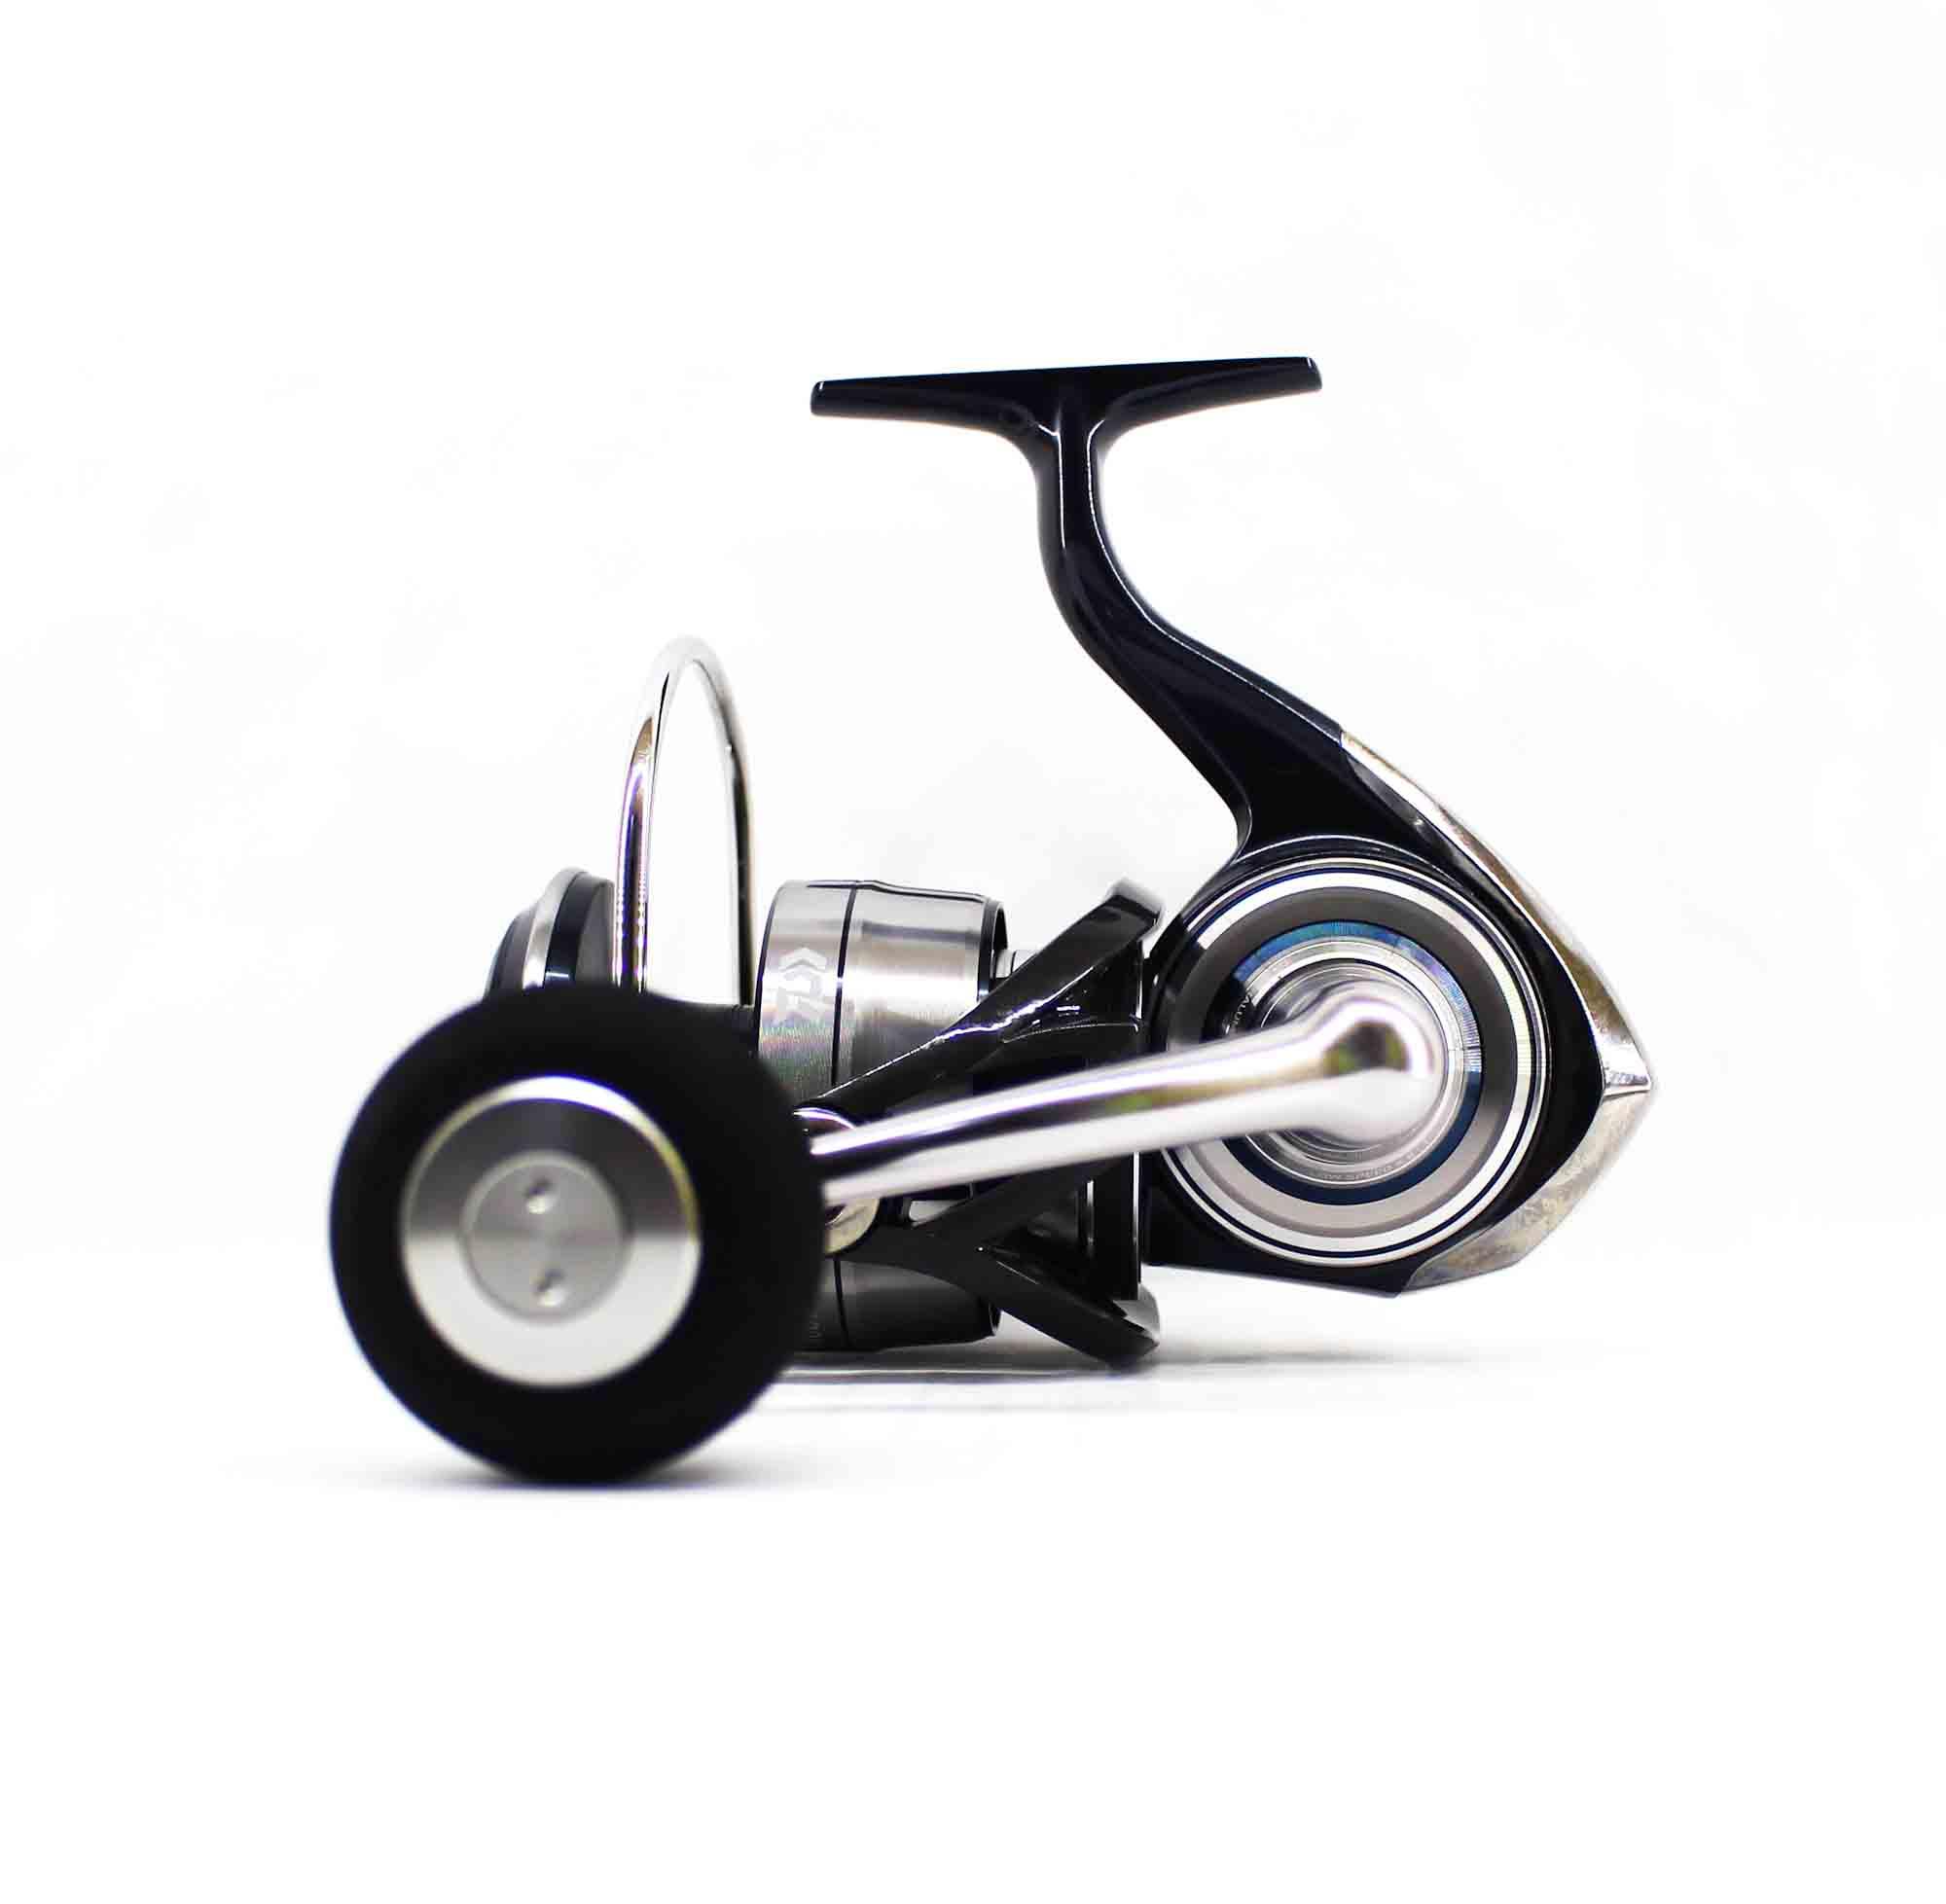 Daiwa Reel Spinning 21 Certate SW 10000-P (3328)